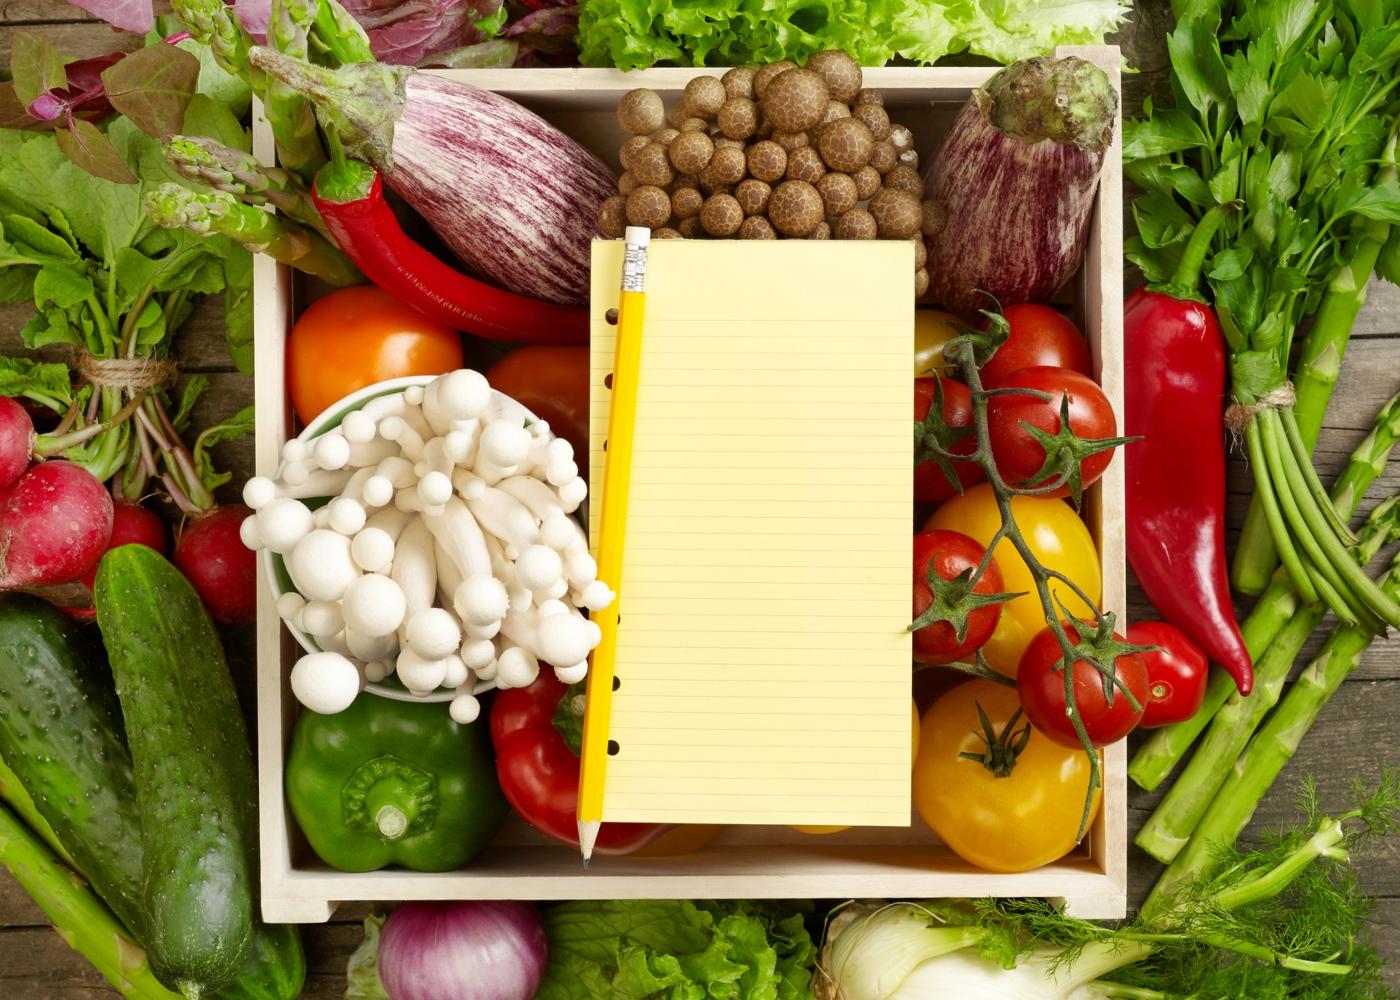 Controlar a ingestão de doces: planear refeições